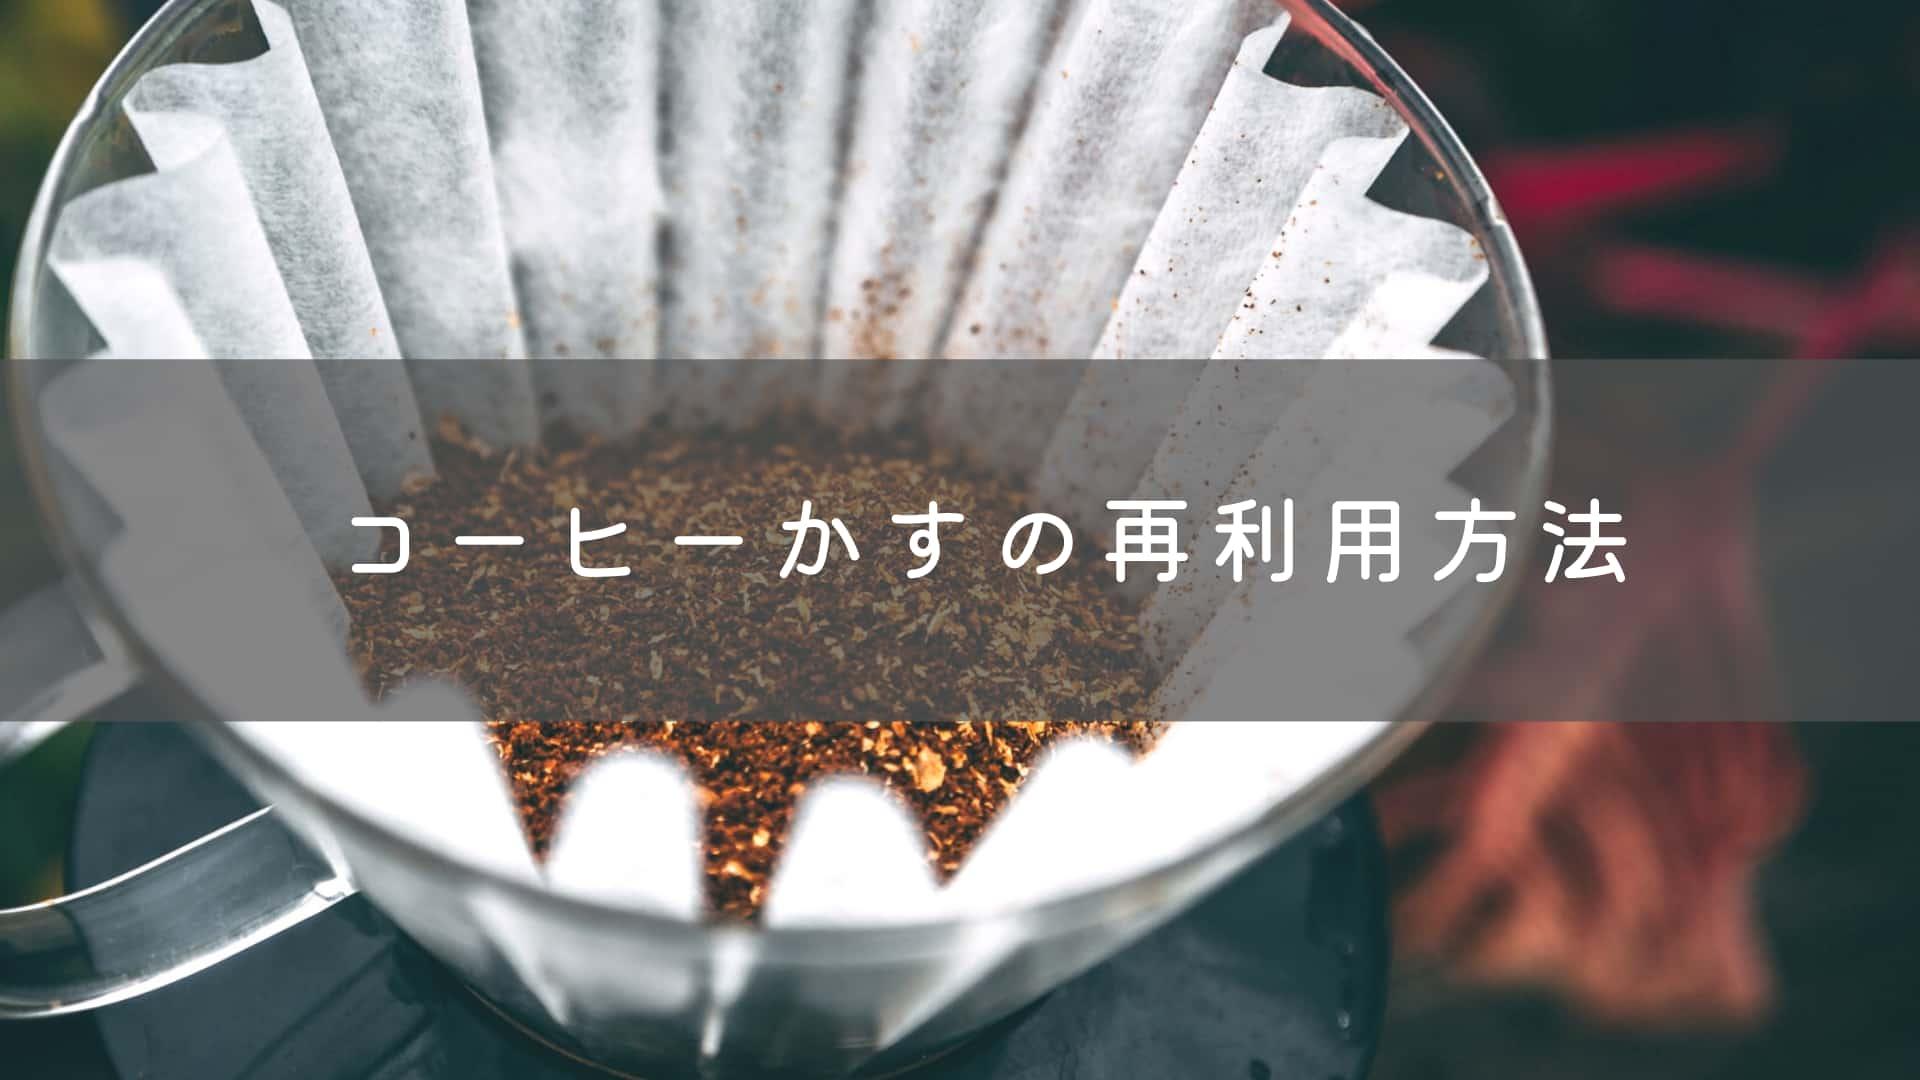 消臭効果だけじゃない!コーヒーかすの再利用方法まとめ